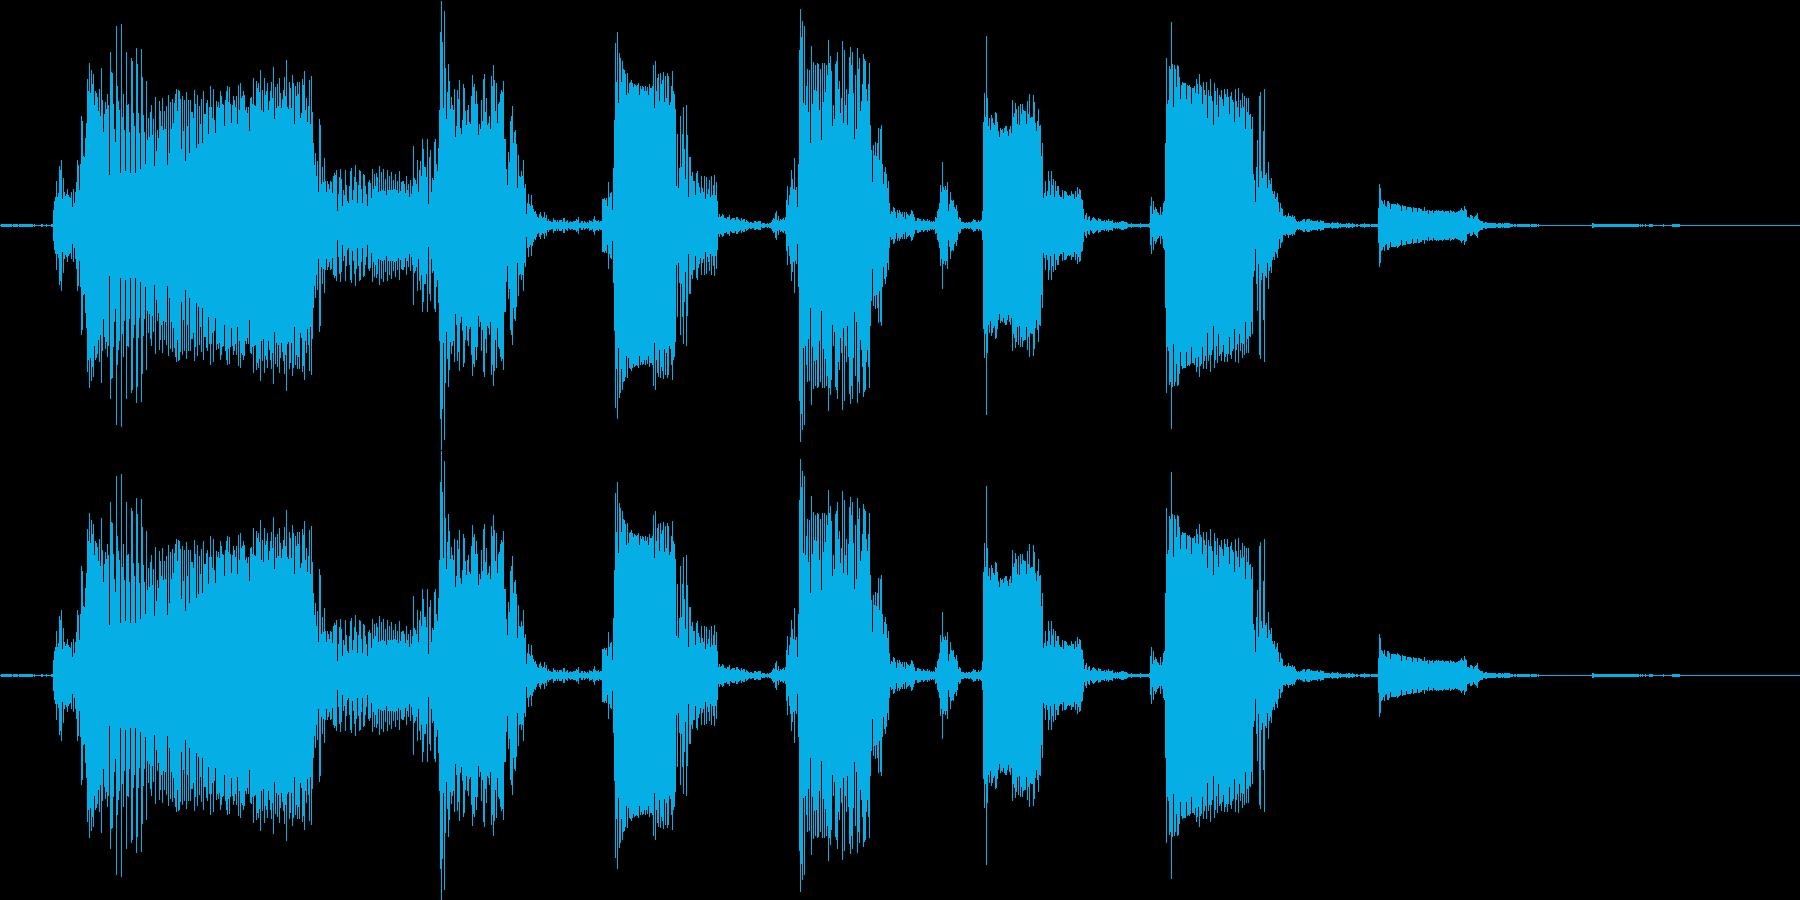 【ピコピコな音】Byエレキギターの再生済みの波形